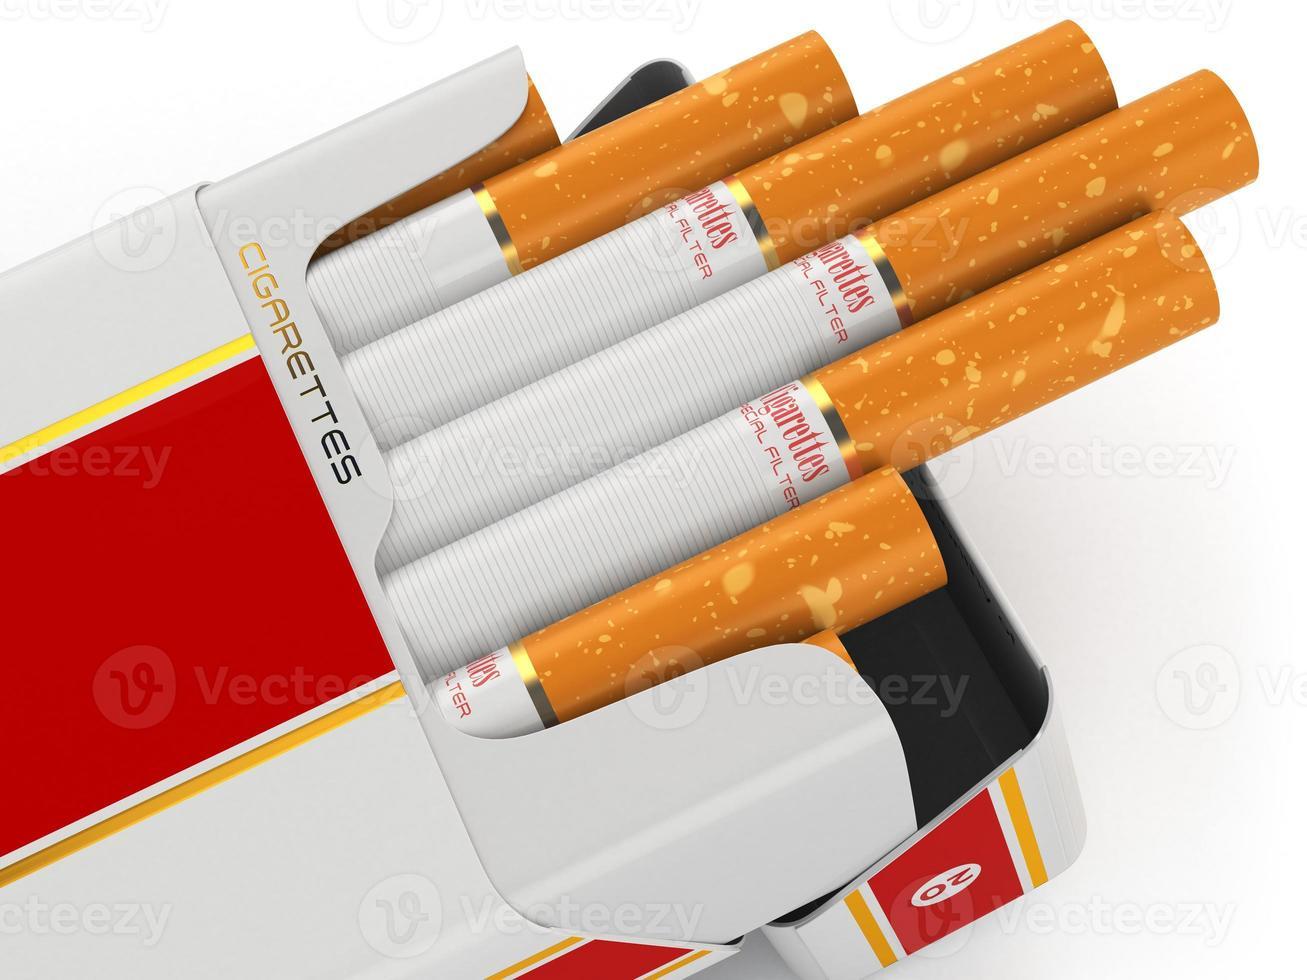 maço de cigarro genérico sobre fundo branco. foto